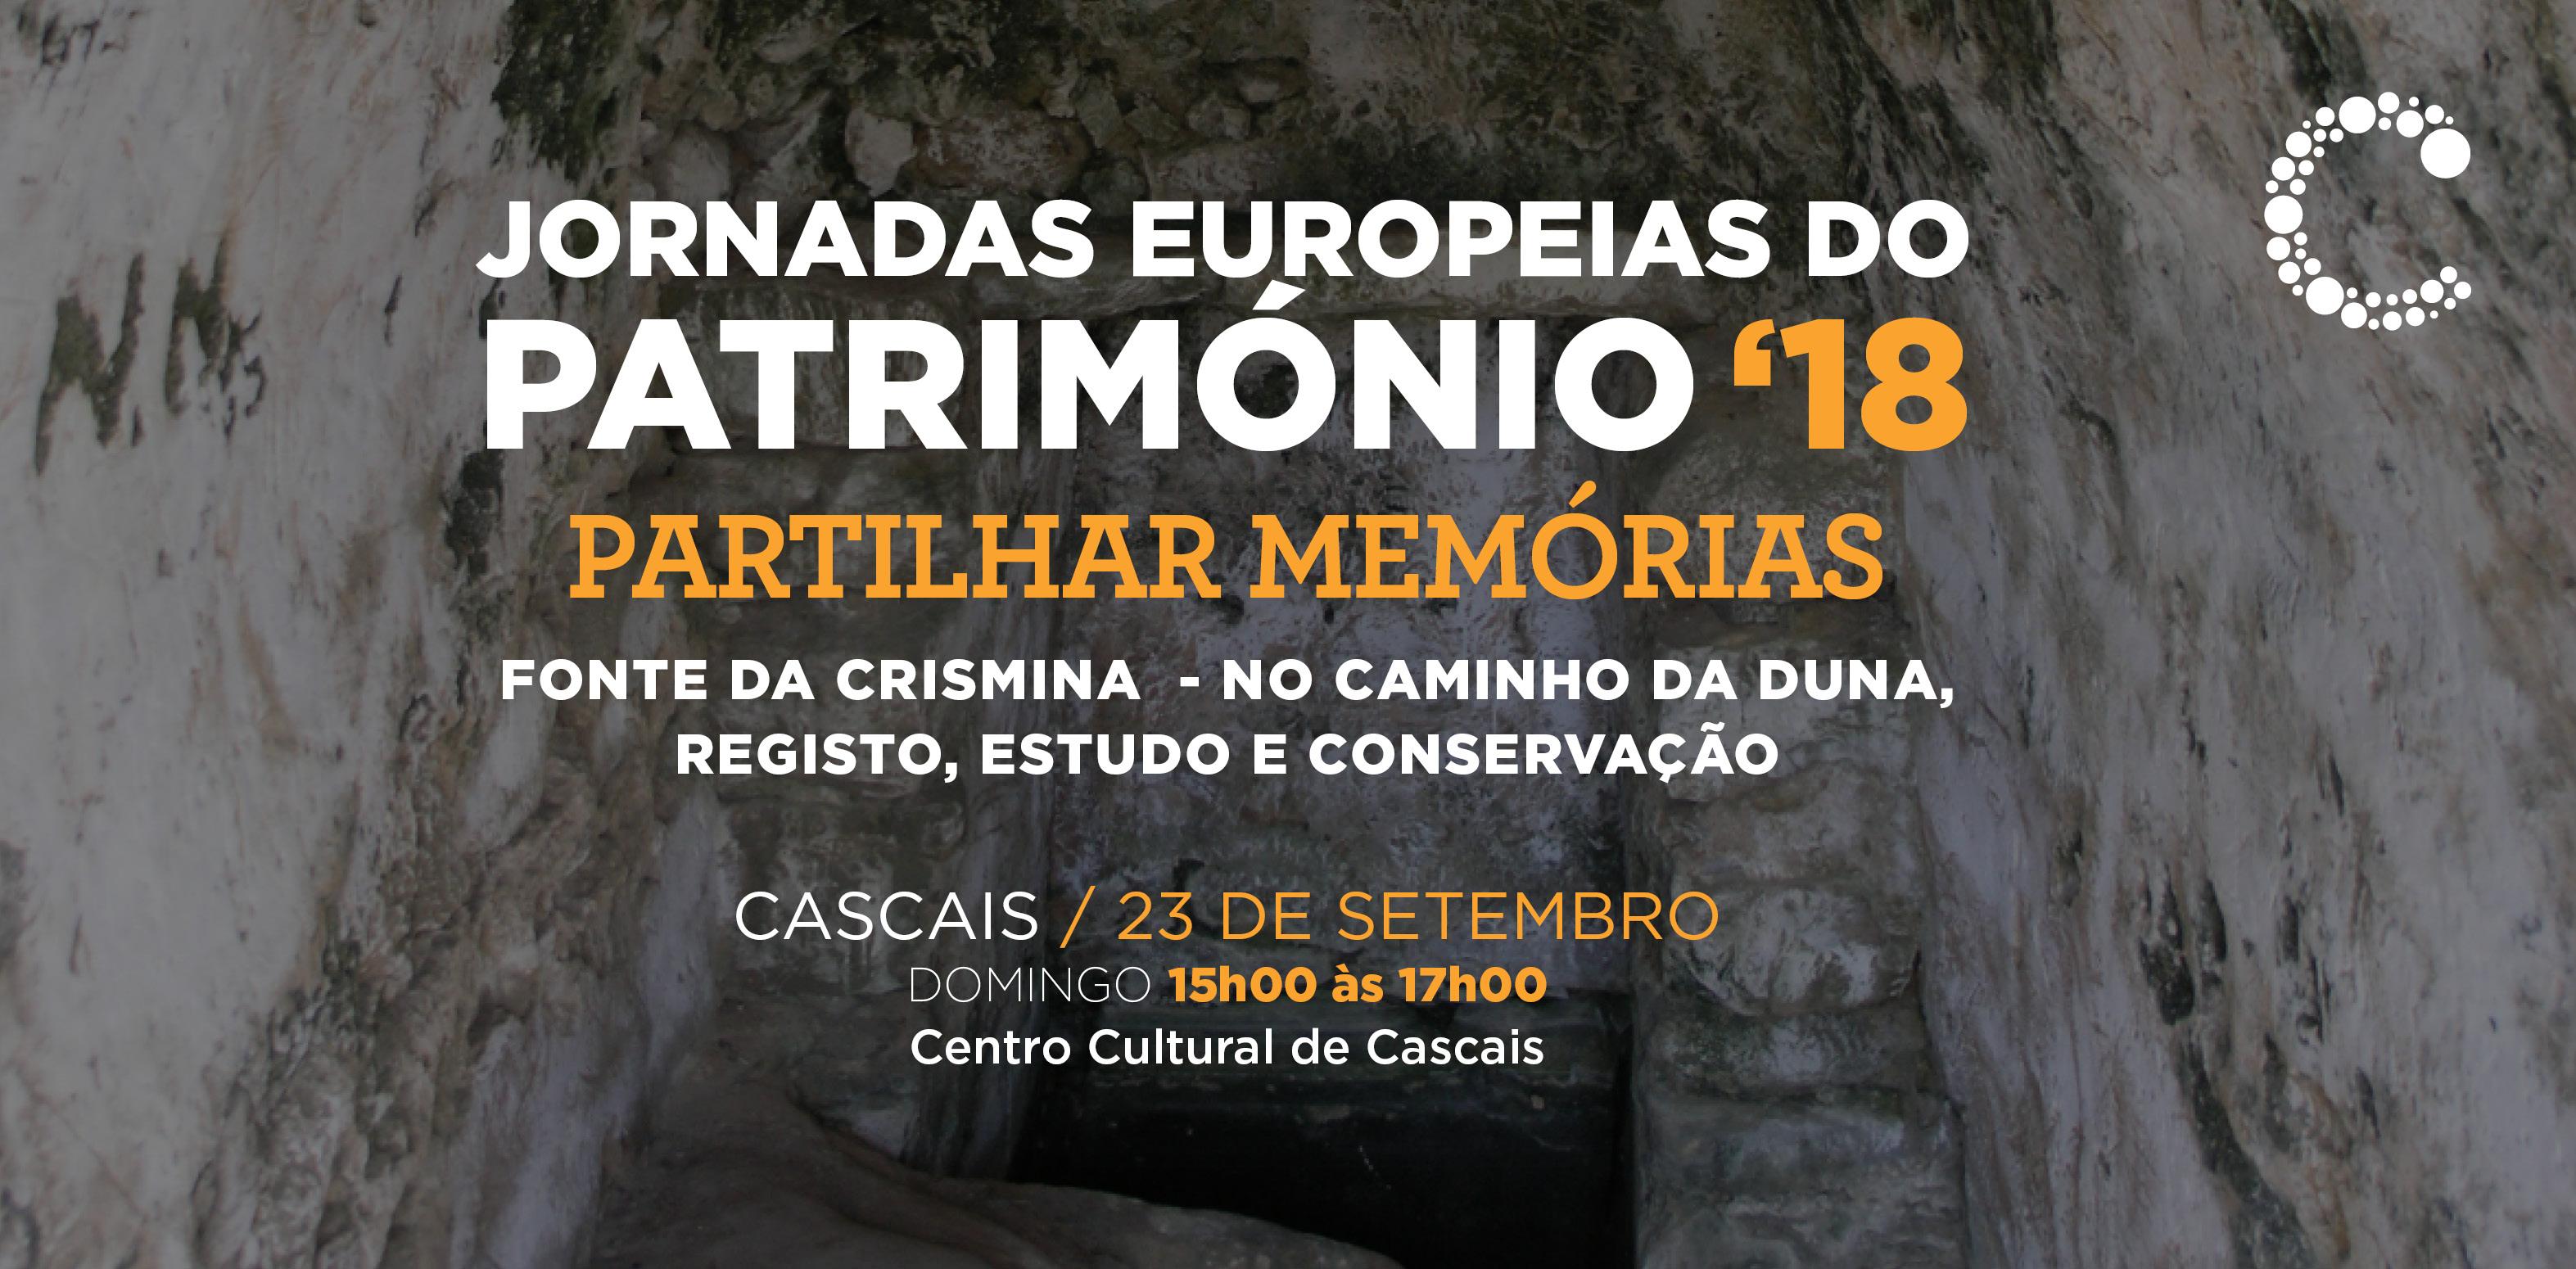 Jornadas Europeias do Património '18   Partilhar Memórias - Fonte da Cresmina